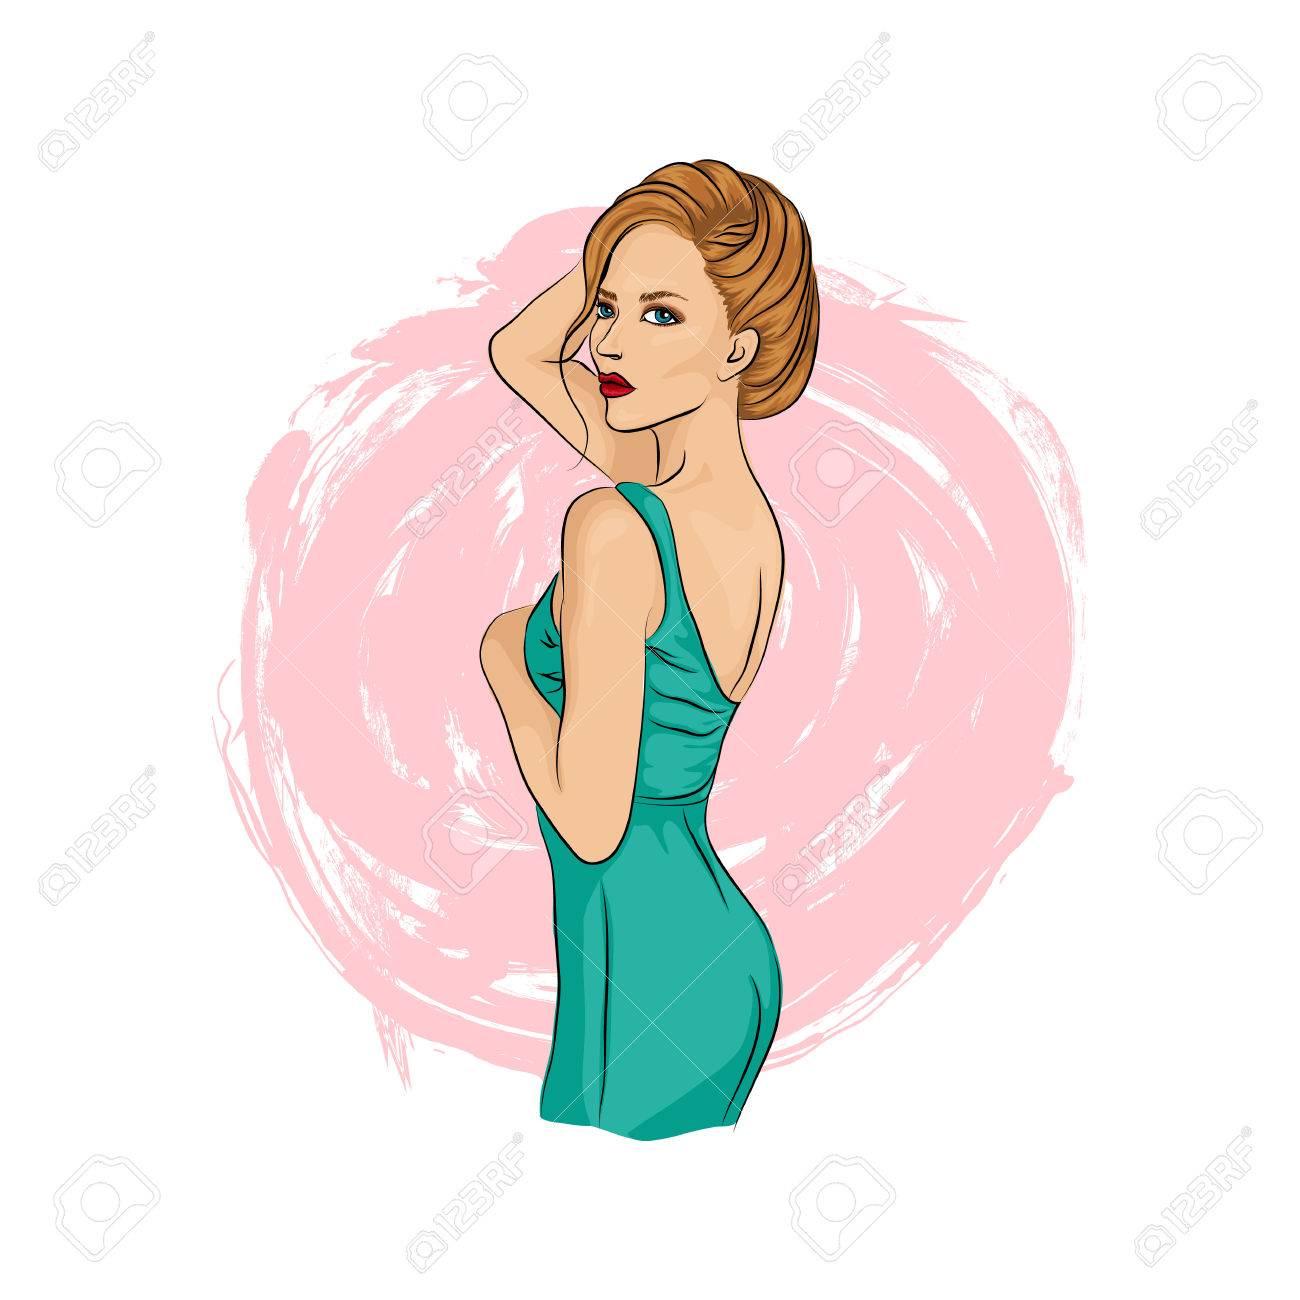 髪とファッションの女の子。ドレスで美しい若いおしゃれな女性。パステル カラー。手描きの背景イラスト